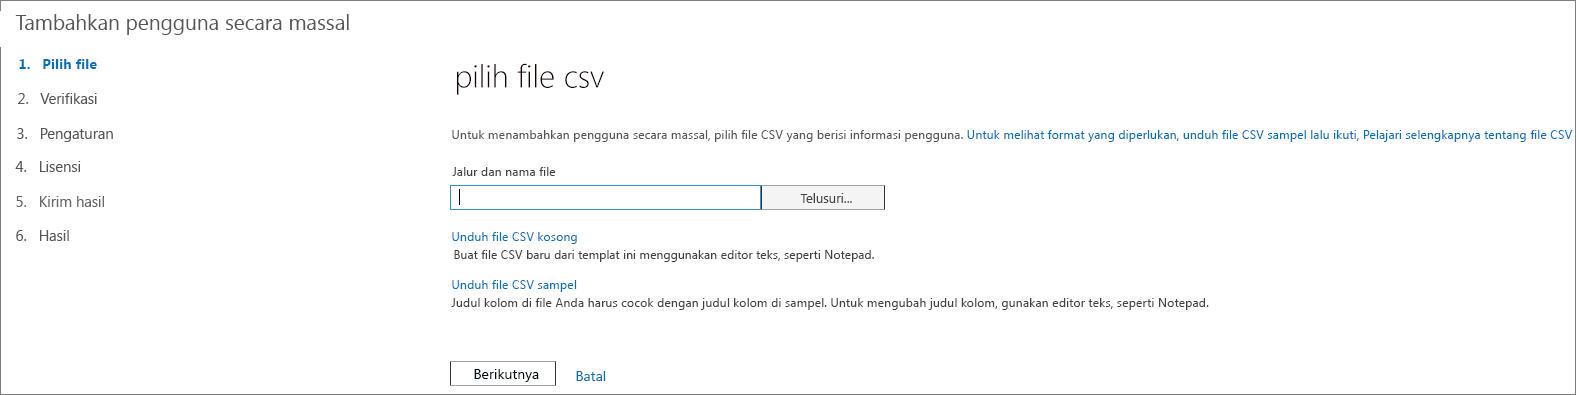 Langkah 1 dalam Panduan Menambahkan Pengguna Secara Massal - Pilih File CSV